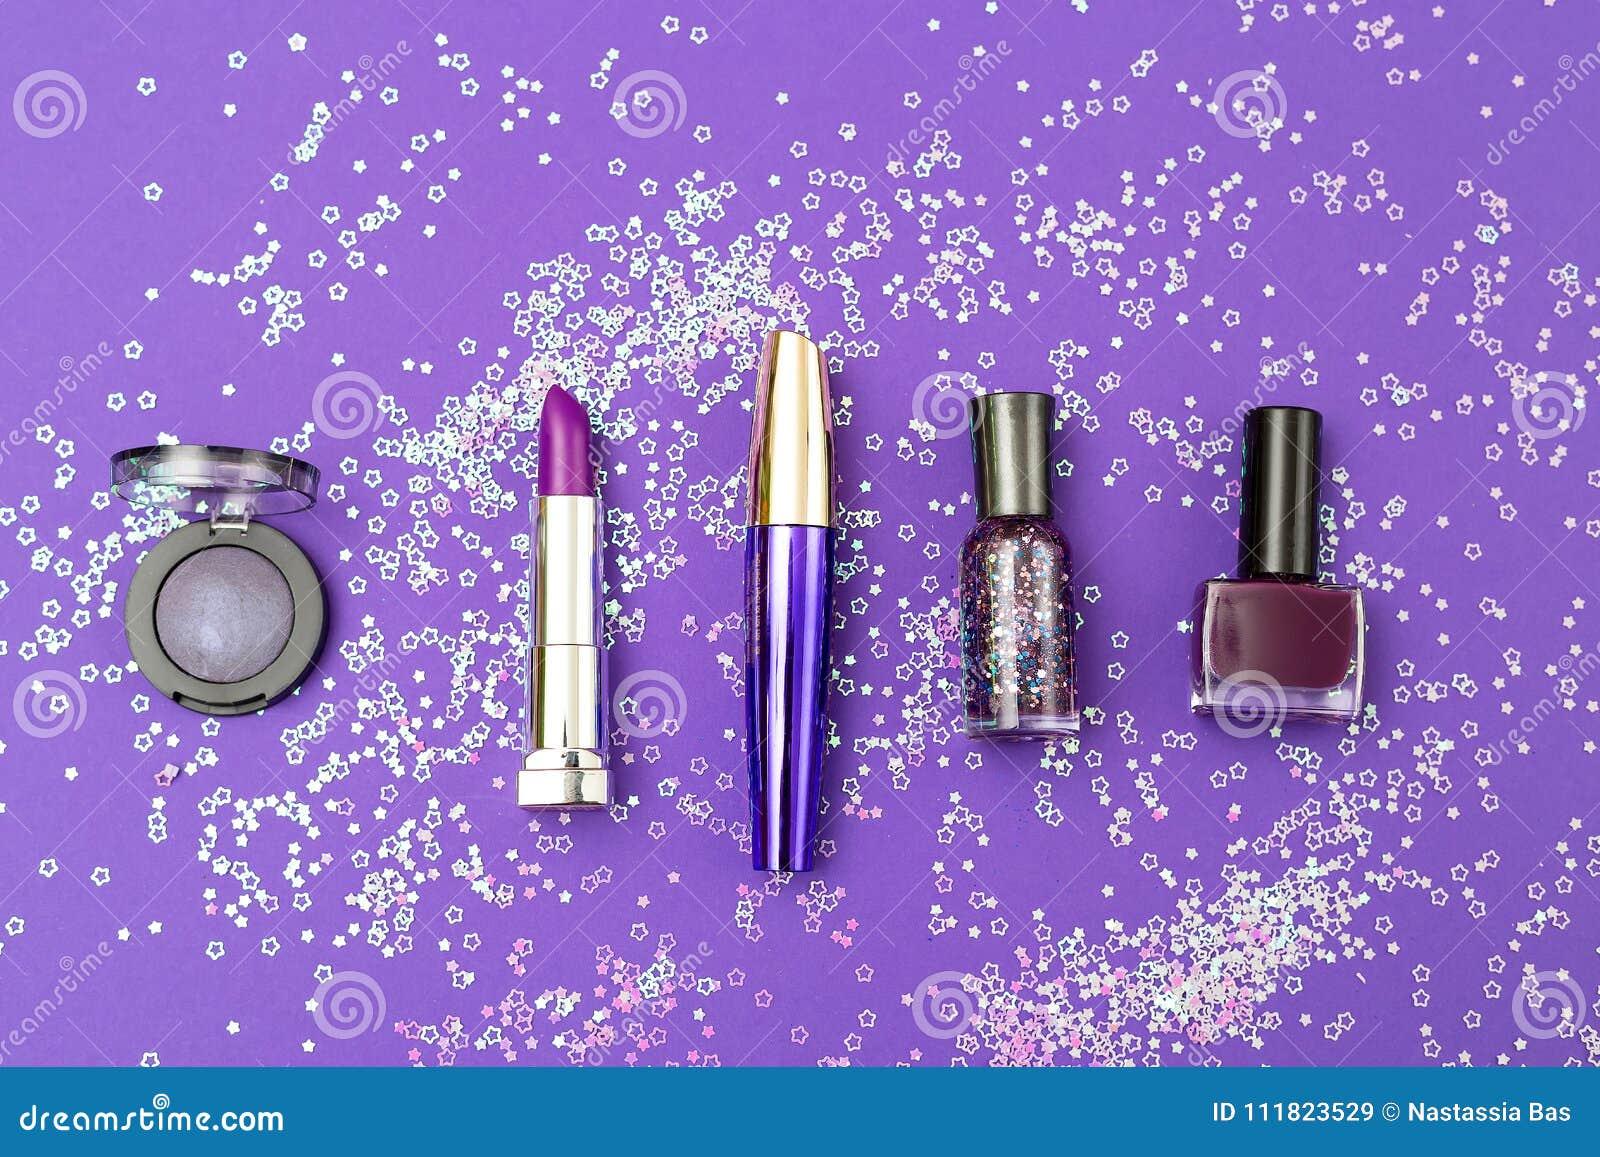 Violette schoonheidsmiddelen op een ultraviolette achtergrond met lovertjes in o